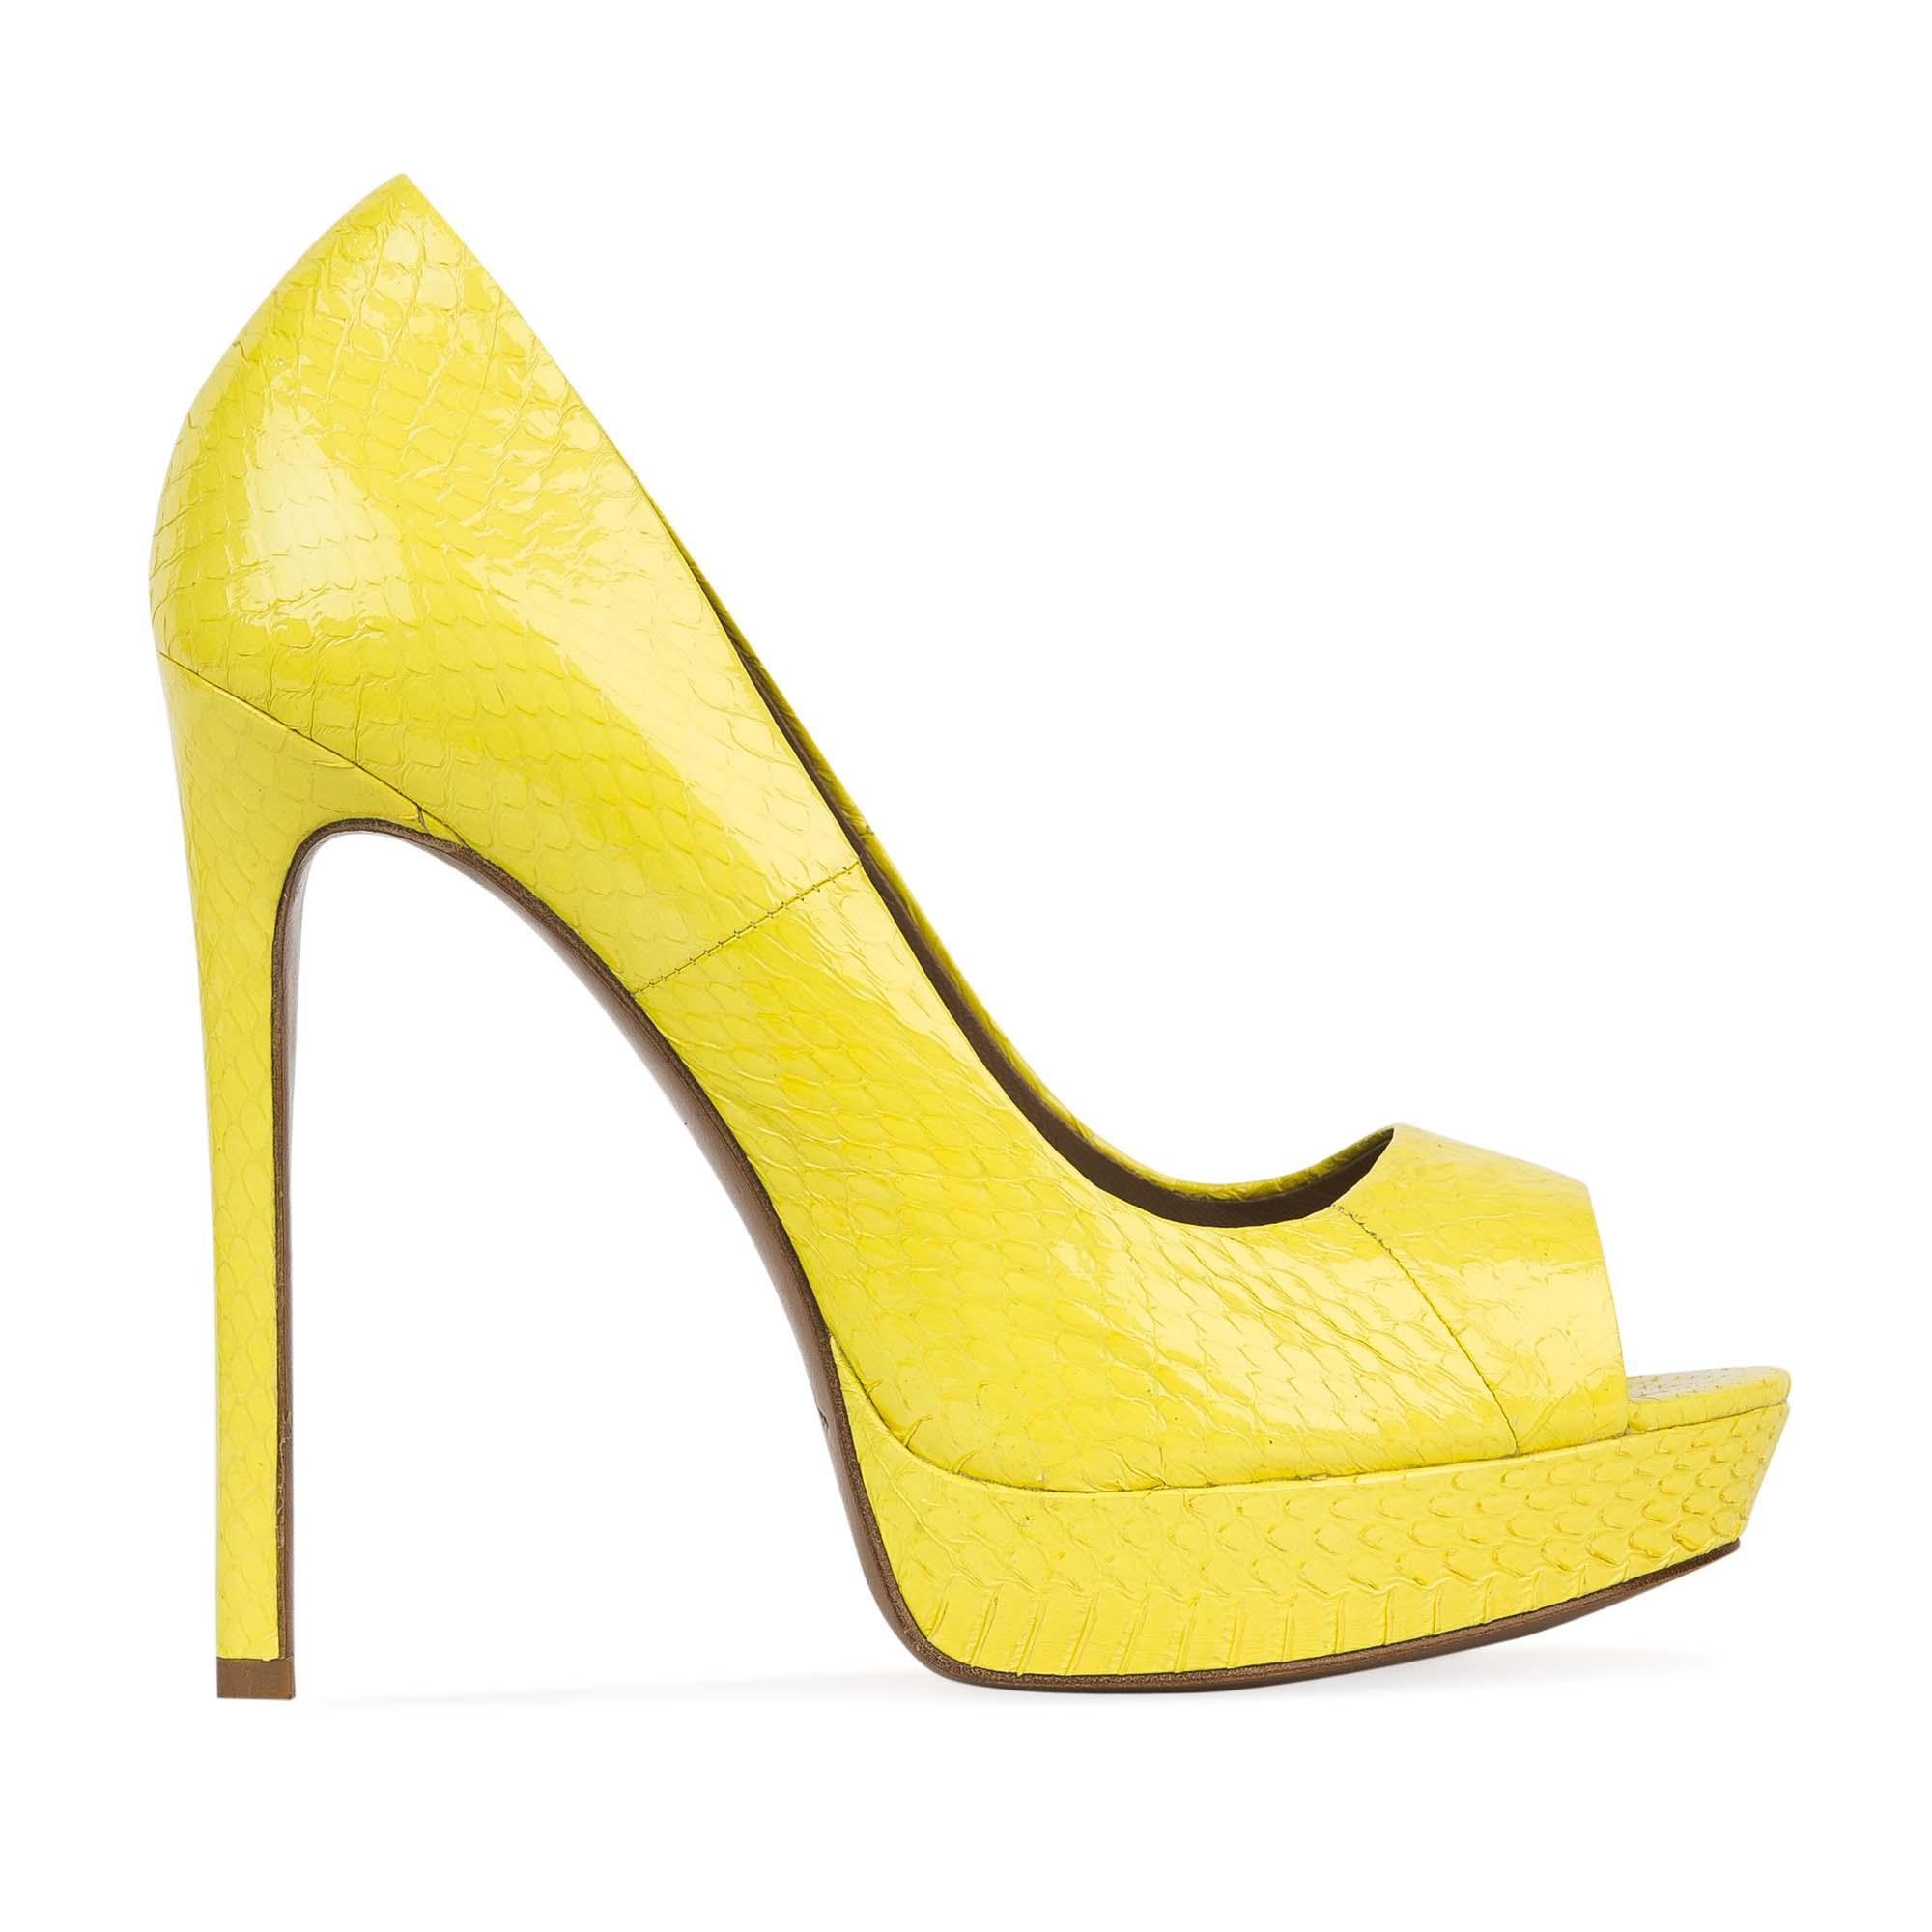 Туфли из лакированной кожи змеи неоново-желтого цвета